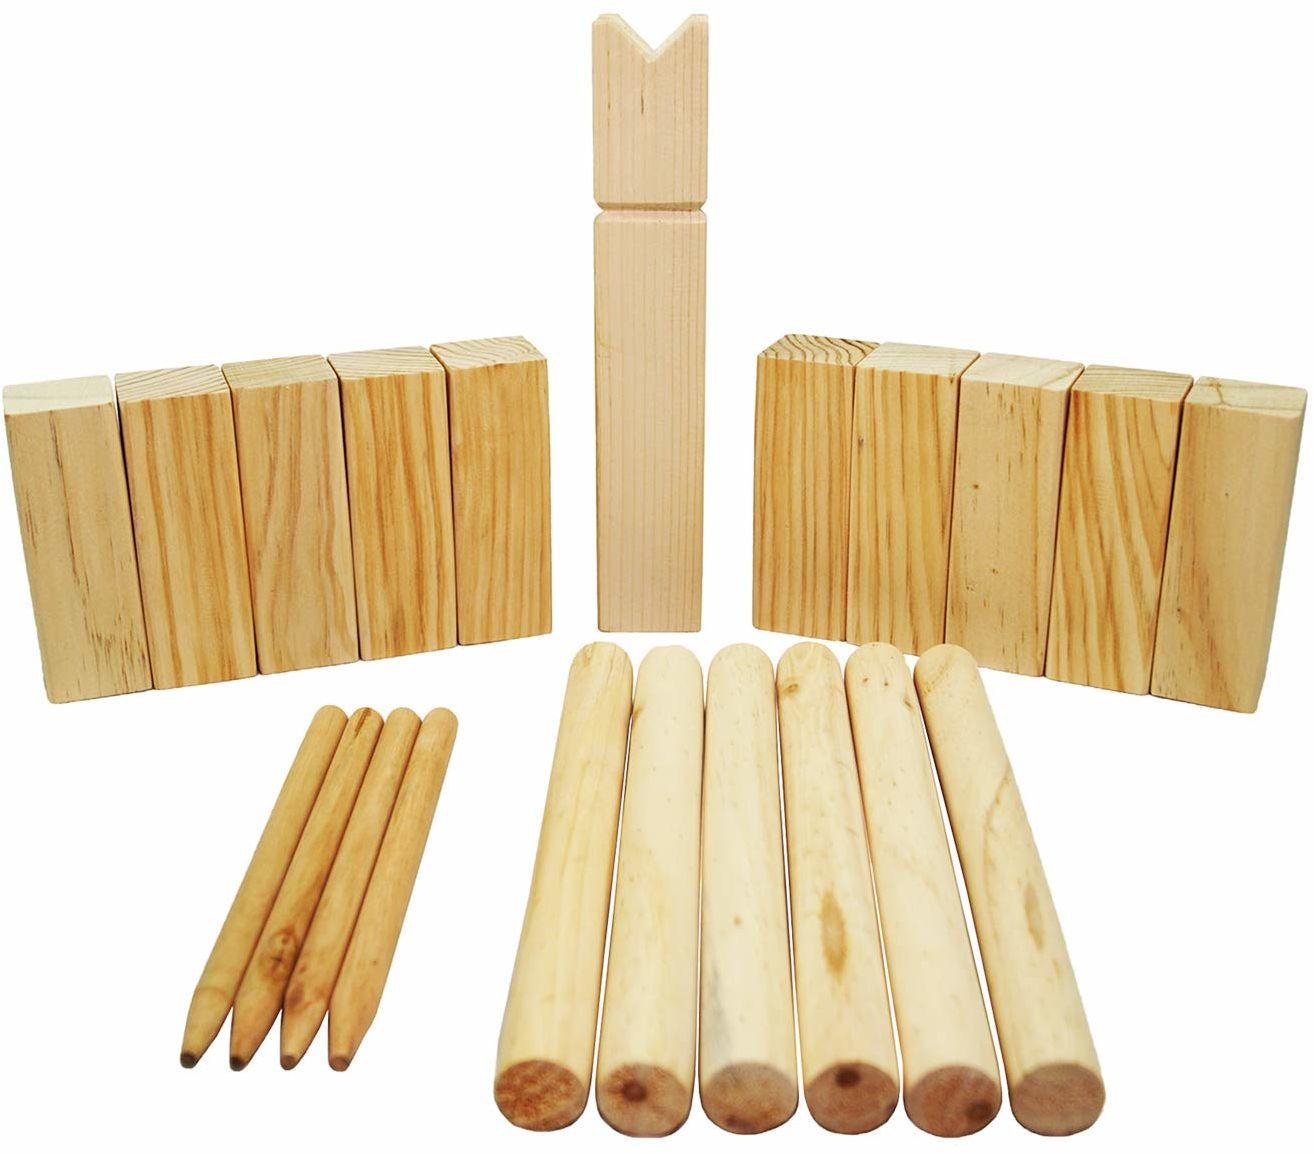 Best Sporting 64905  daszek Wikingów, drewniana zabawa, łącznie z siatką do noszenia, zabawa na świeżym powietrzu dla całej rodziny